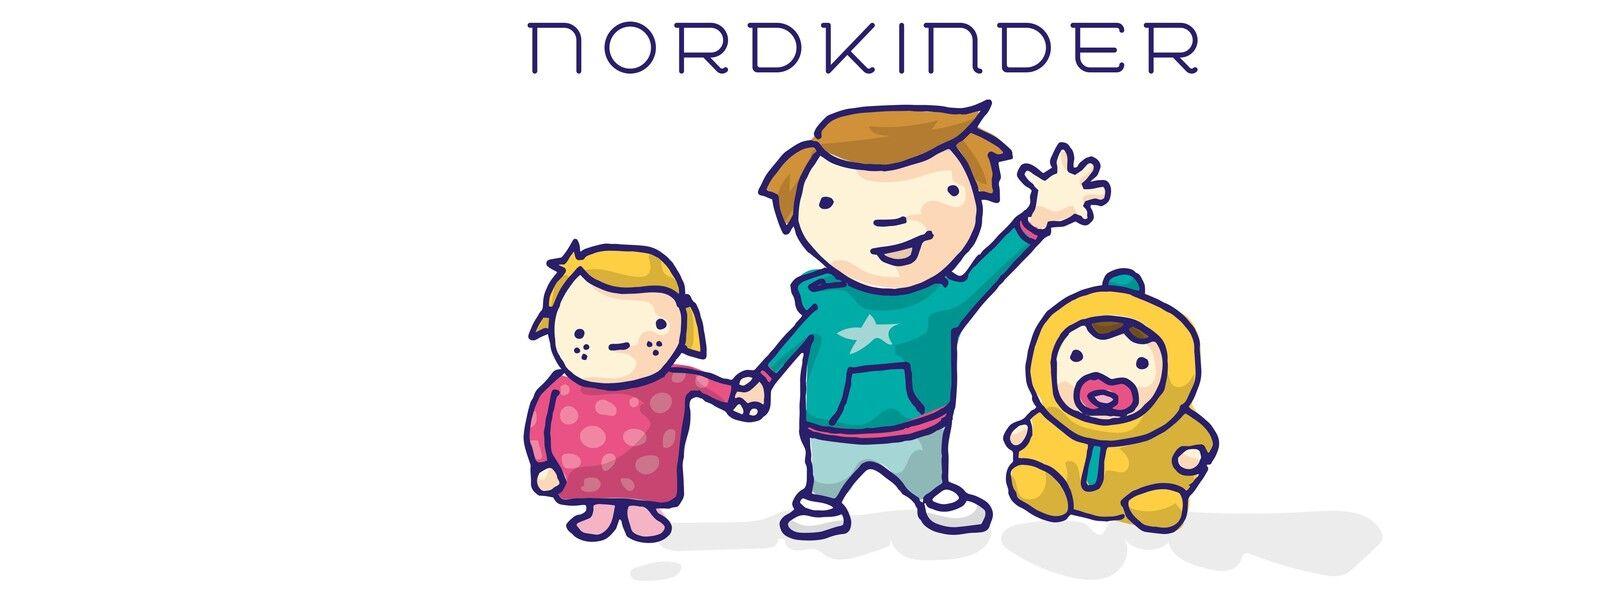 nordkinder-shop